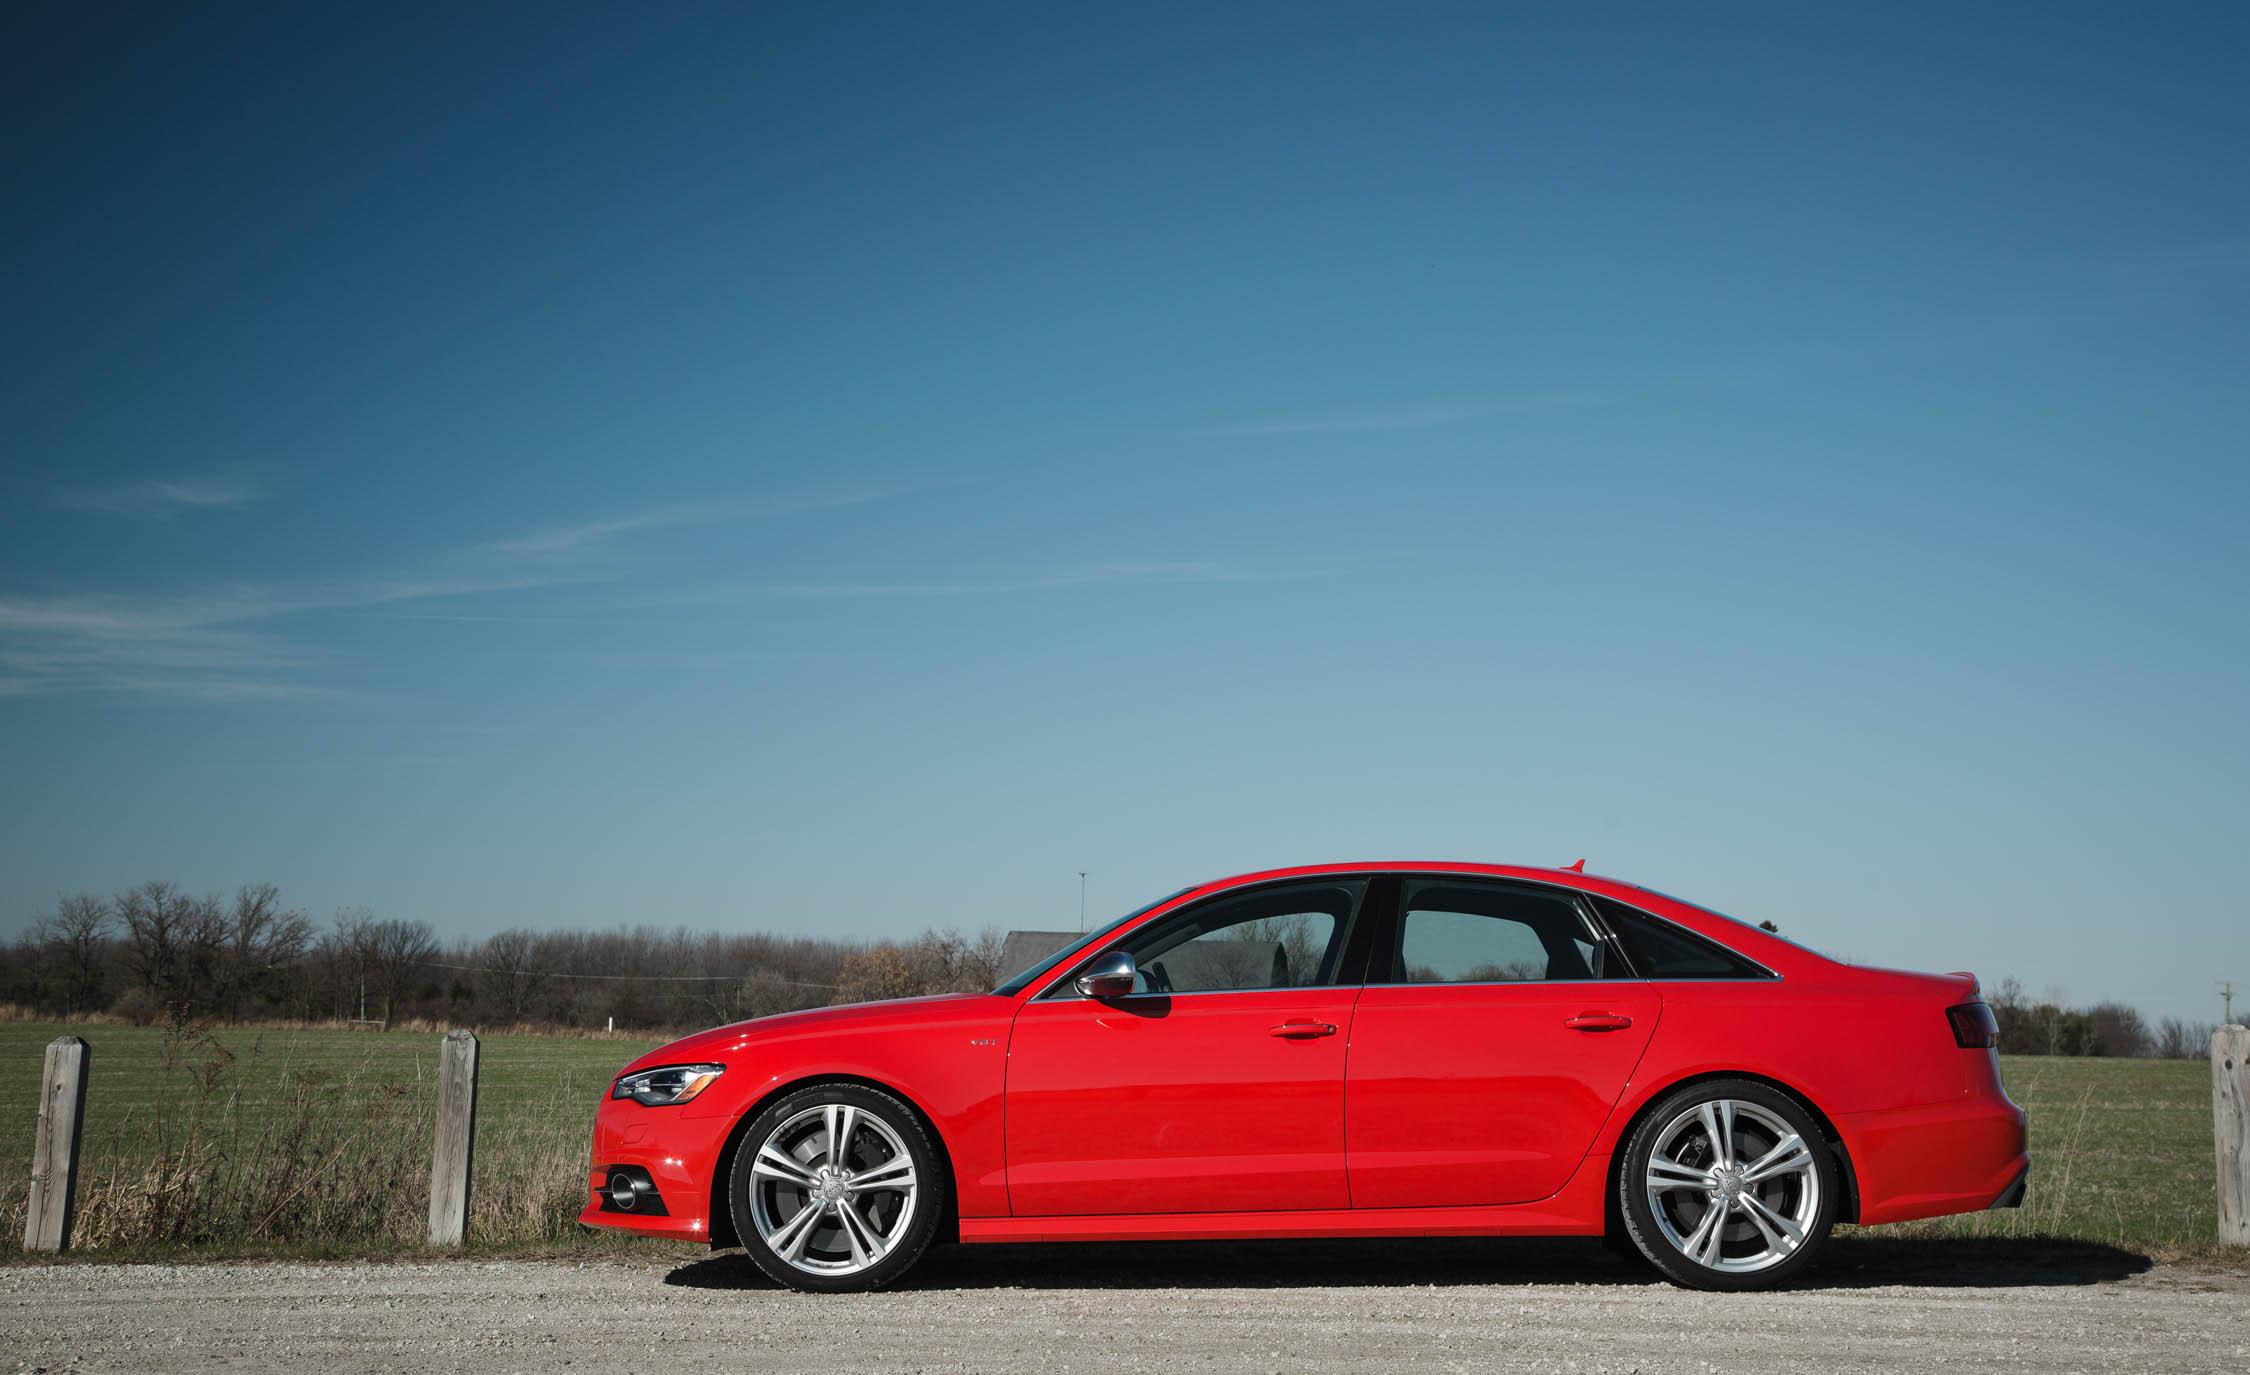 2016 Audi S6 Exterior Full Side